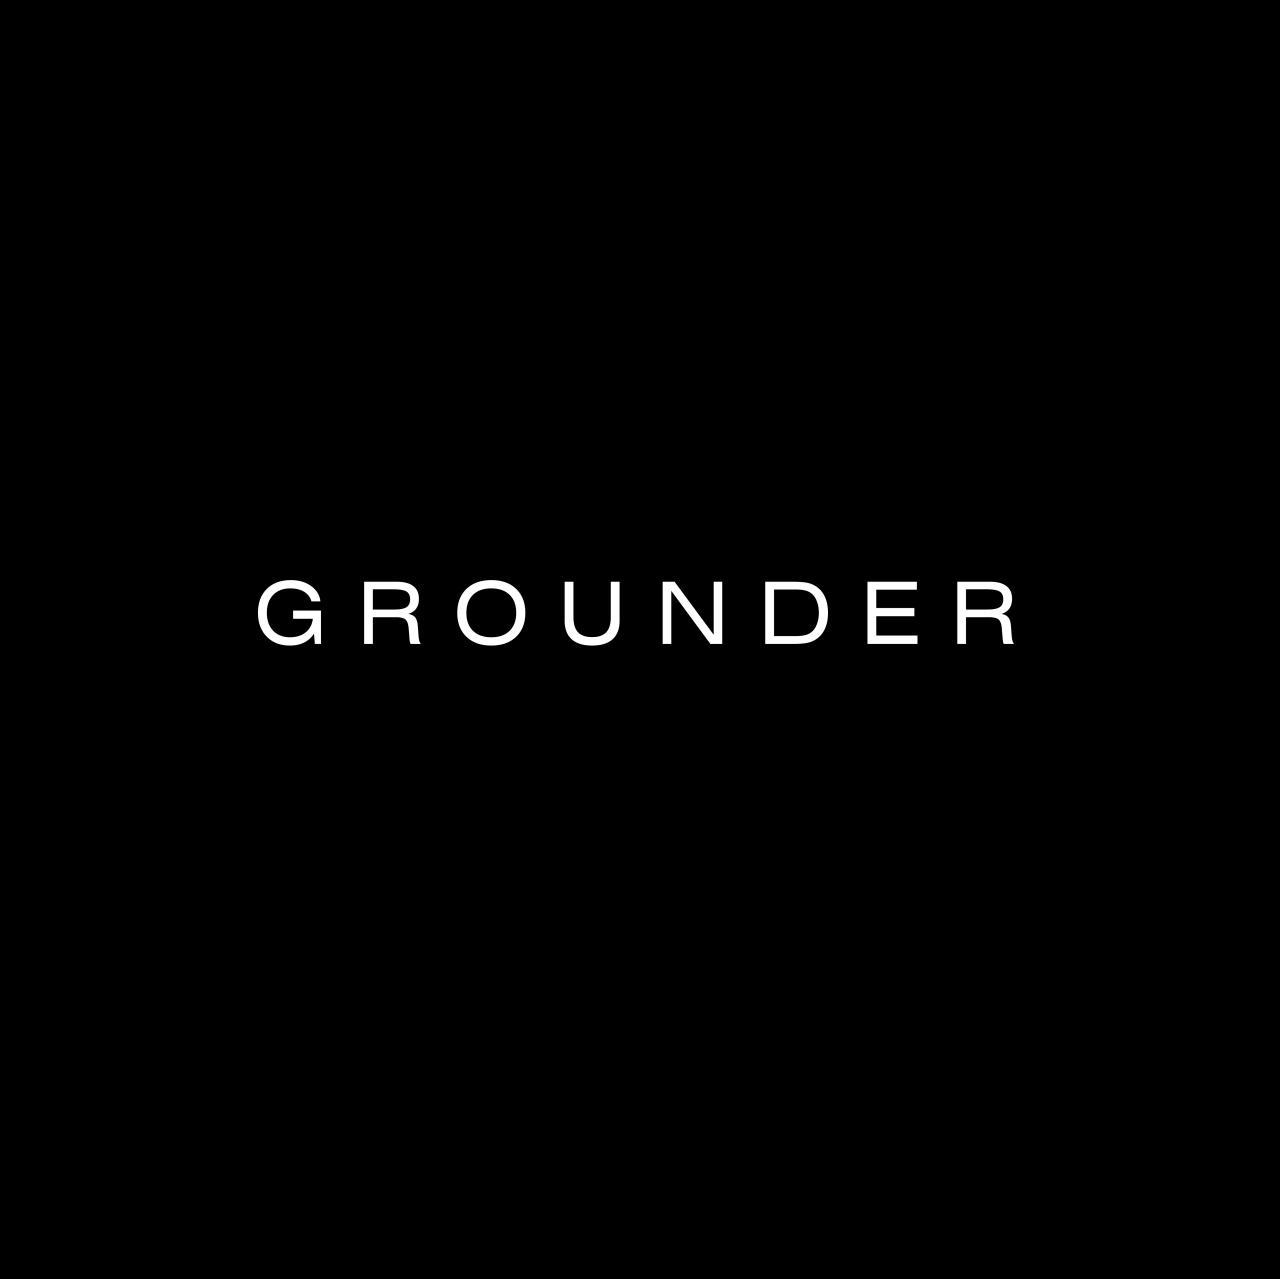 泰国品牌GROUNDER